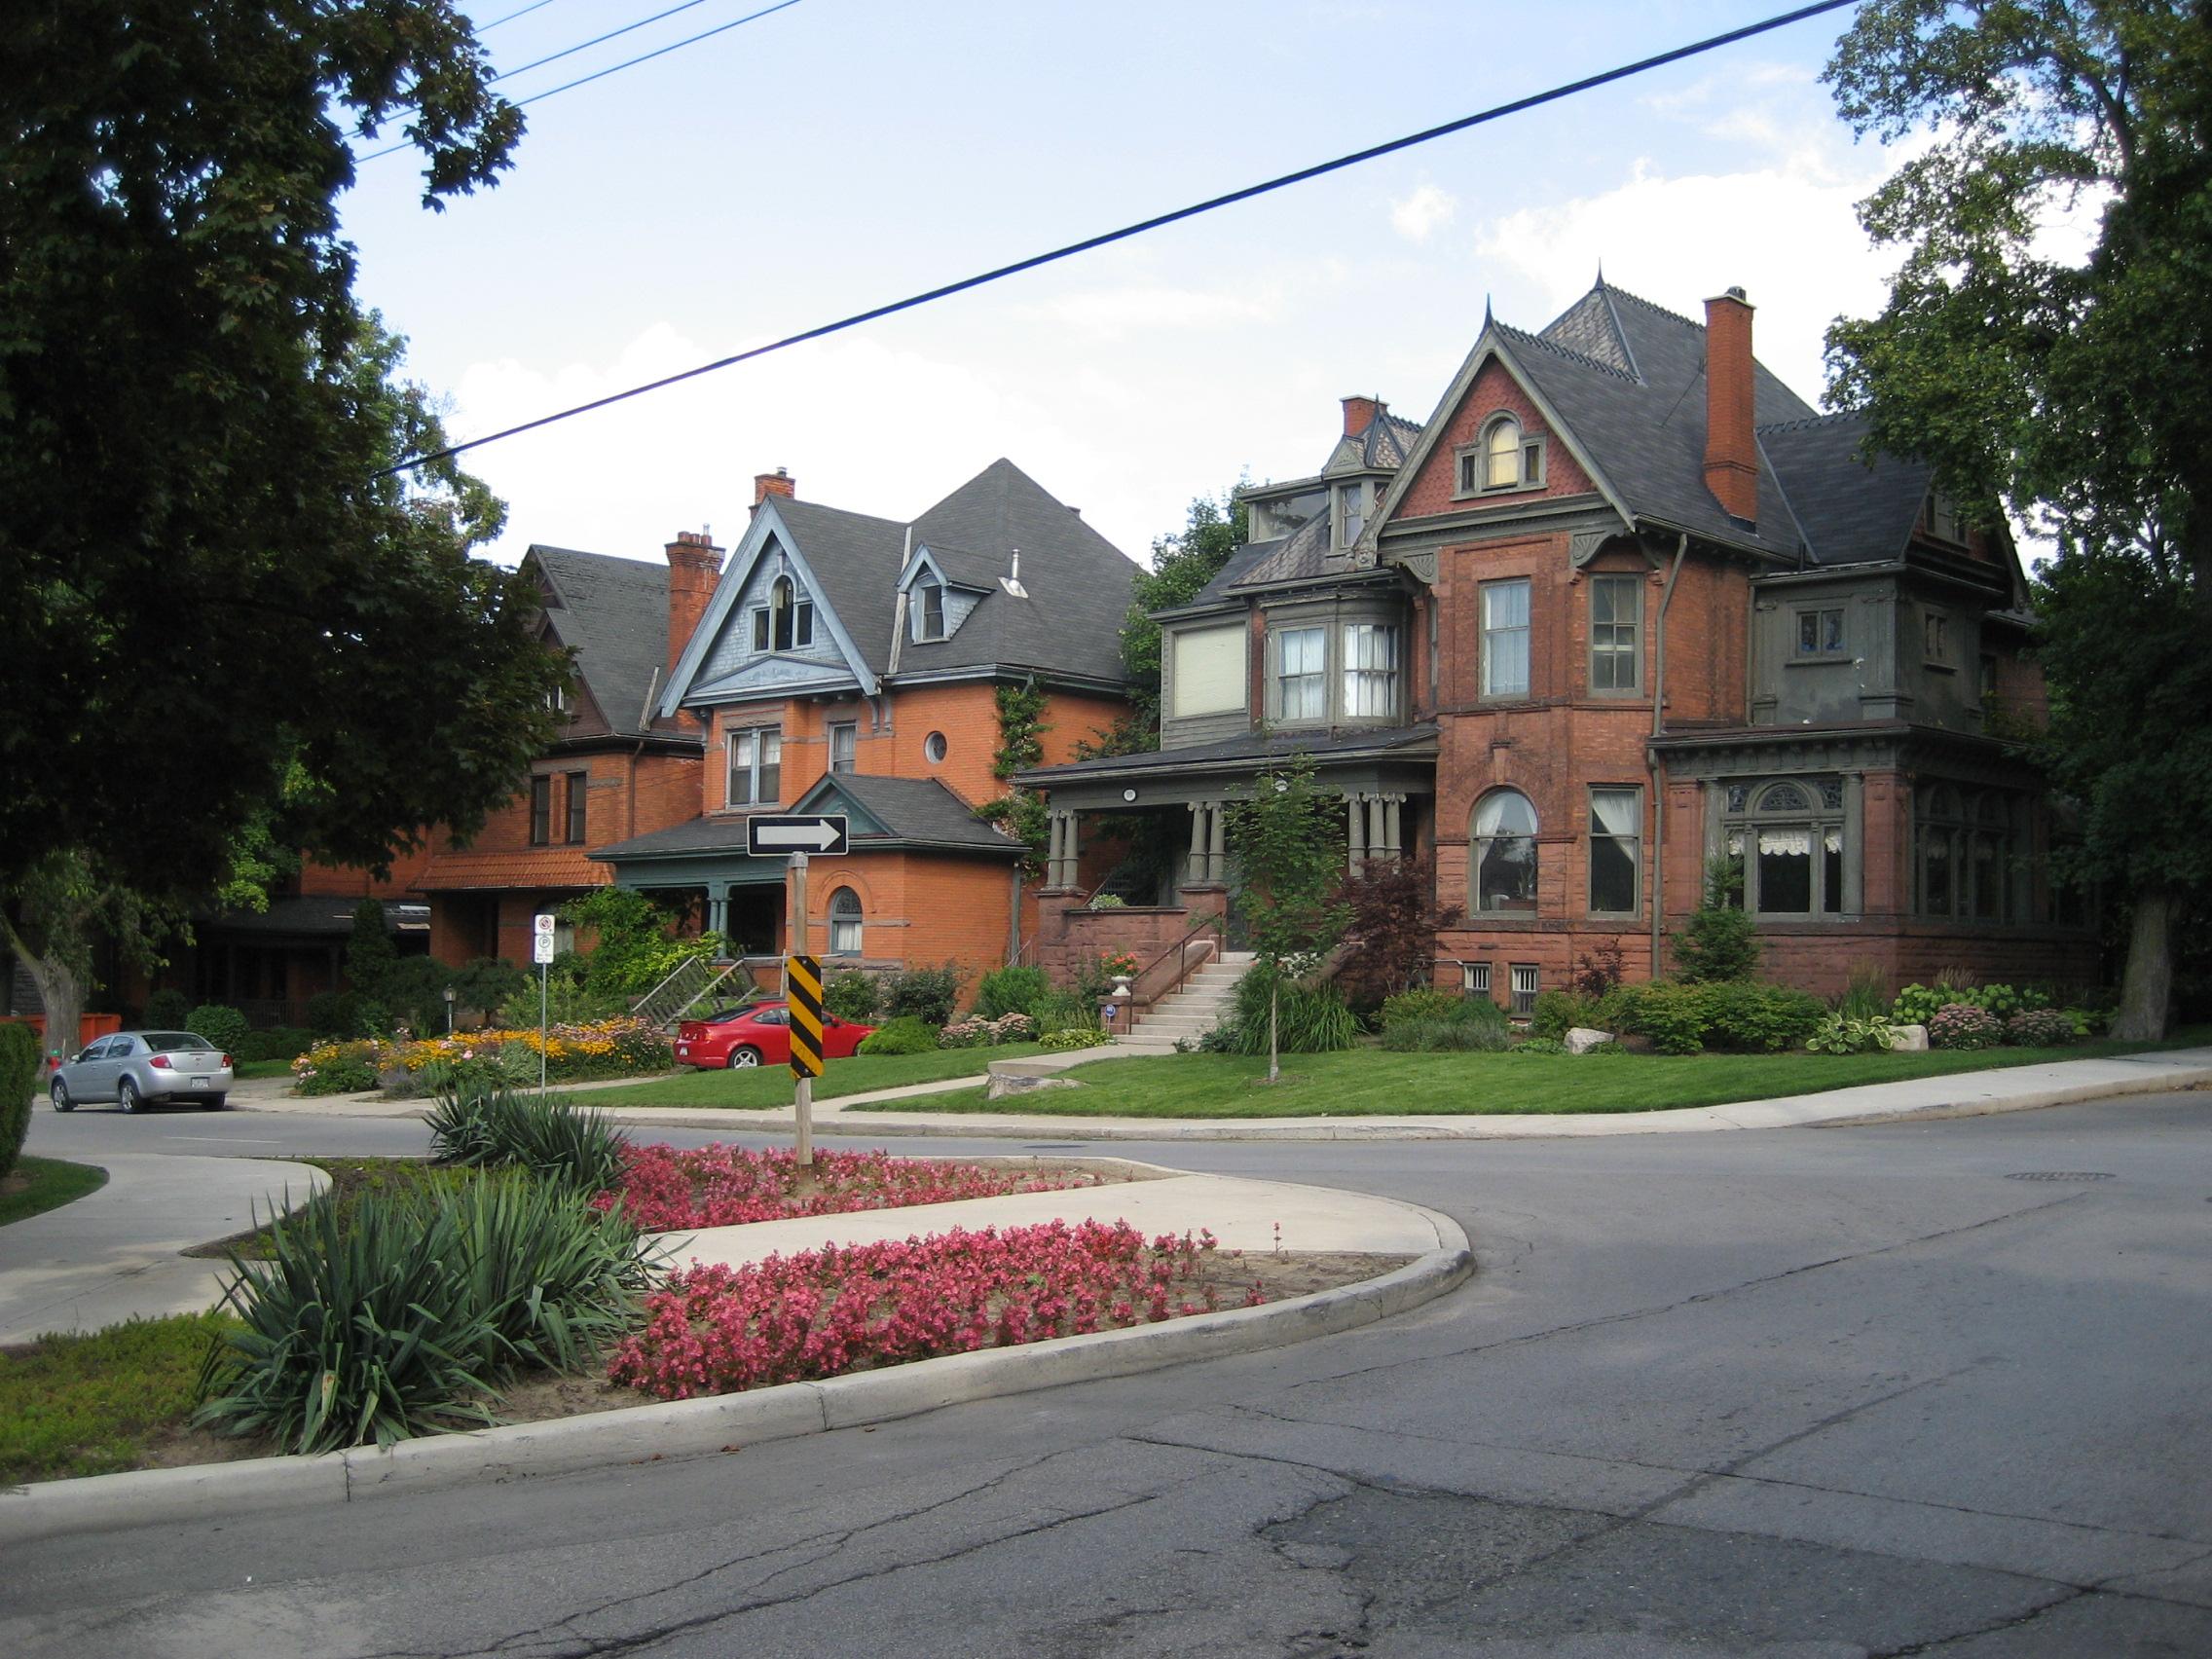 File:Aberdeen Avenue Neighbourhood.JPG - Wikimedia Commons